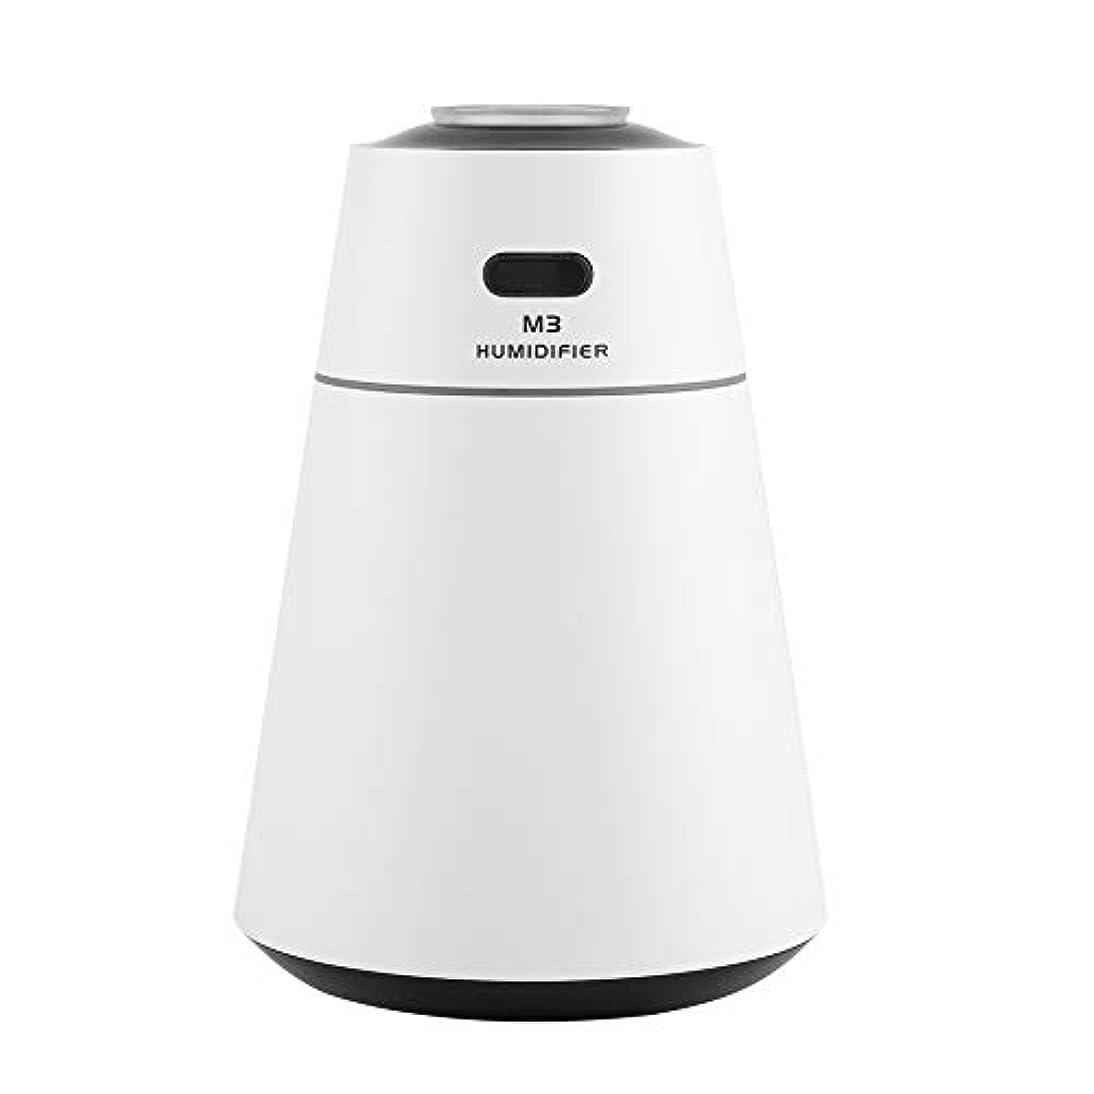 リーン恨み名門投影の拡散器、オフィスの家のためのUSBの極度の超音波加湿器の拡散器7色の夜ライト(白)